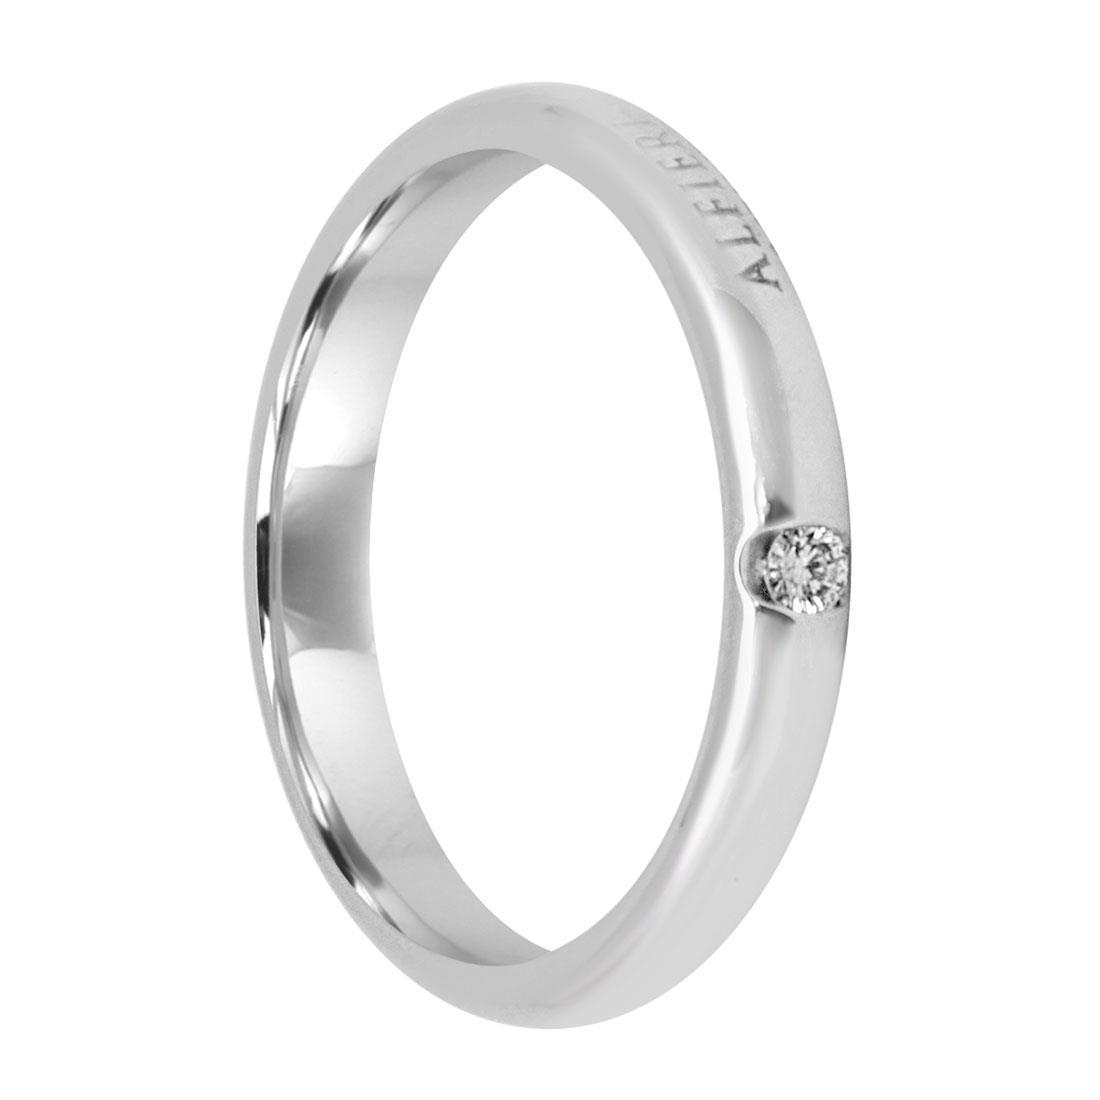 Anello in oro bianco con diamante - ALFIERI & ST. JOHN